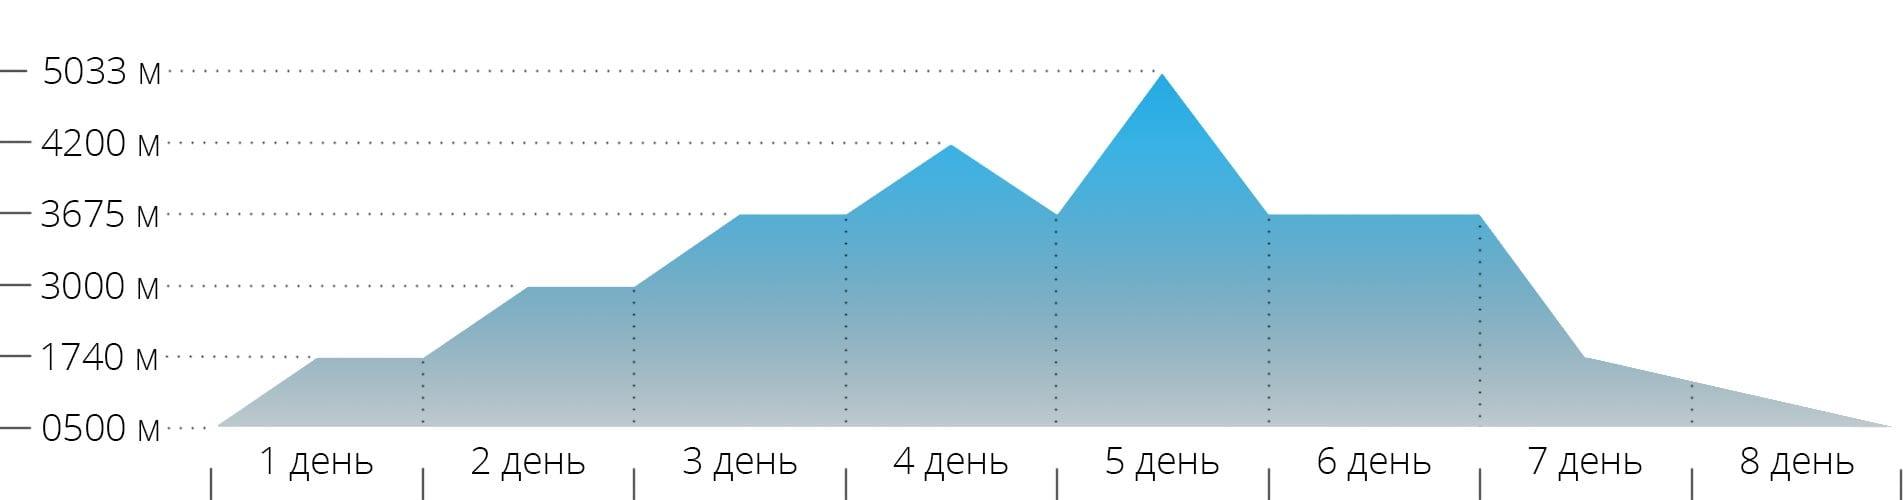 График с высотами для восхождения на гору Казбек с юга через Метеостанцию